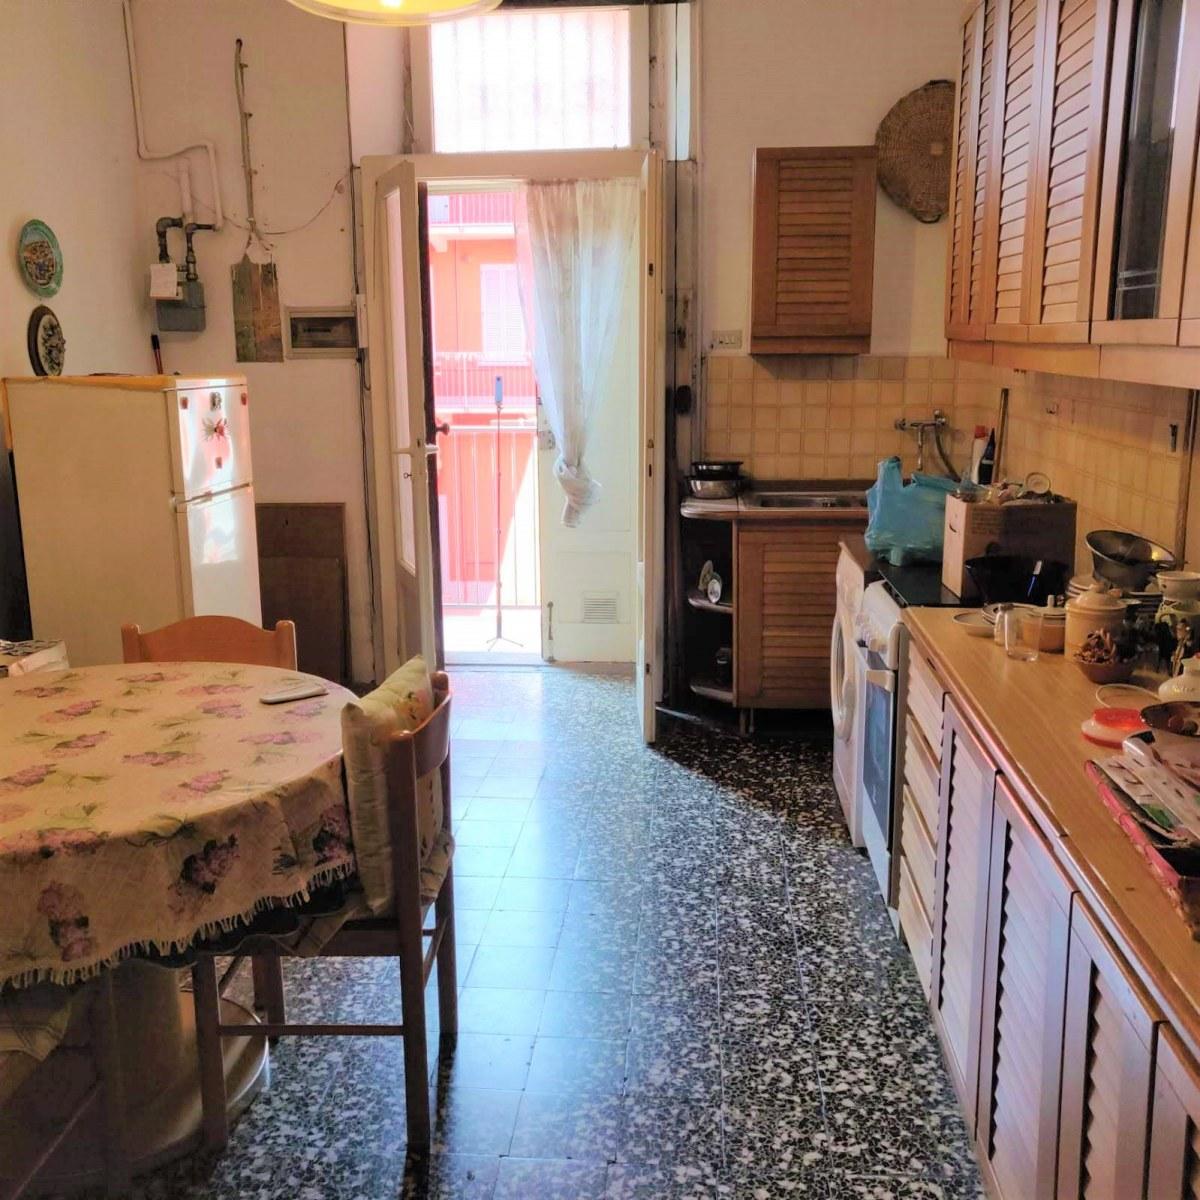 appartamento-bilocale-2-locali-in-vendita-milano-bggio-via-forze-armate-348-spaziourbano-immobiliare-vende-1